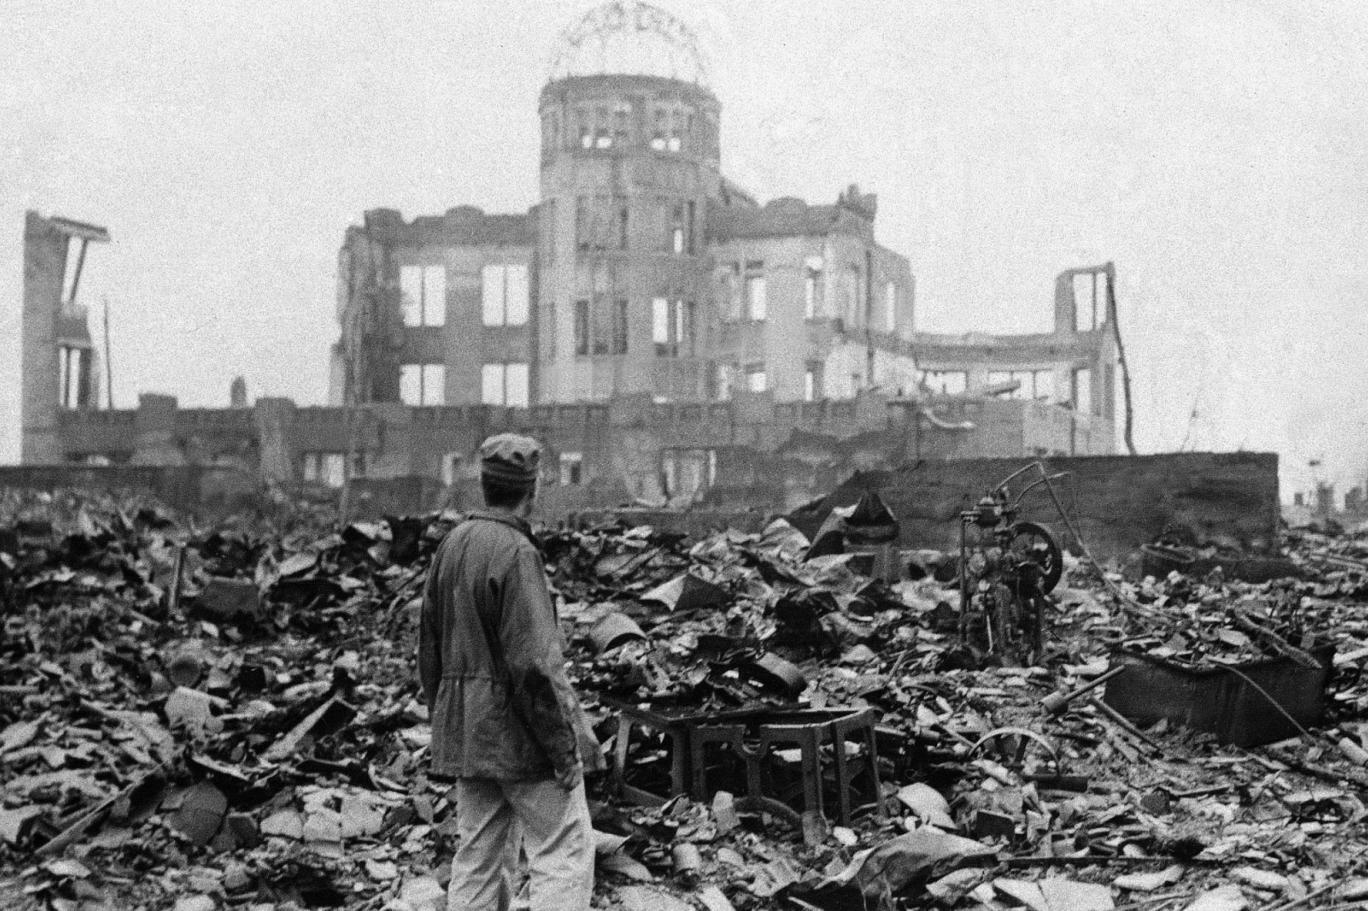 مقدمة حول القنبلة النووية علي هيروشيما وناغازاكي